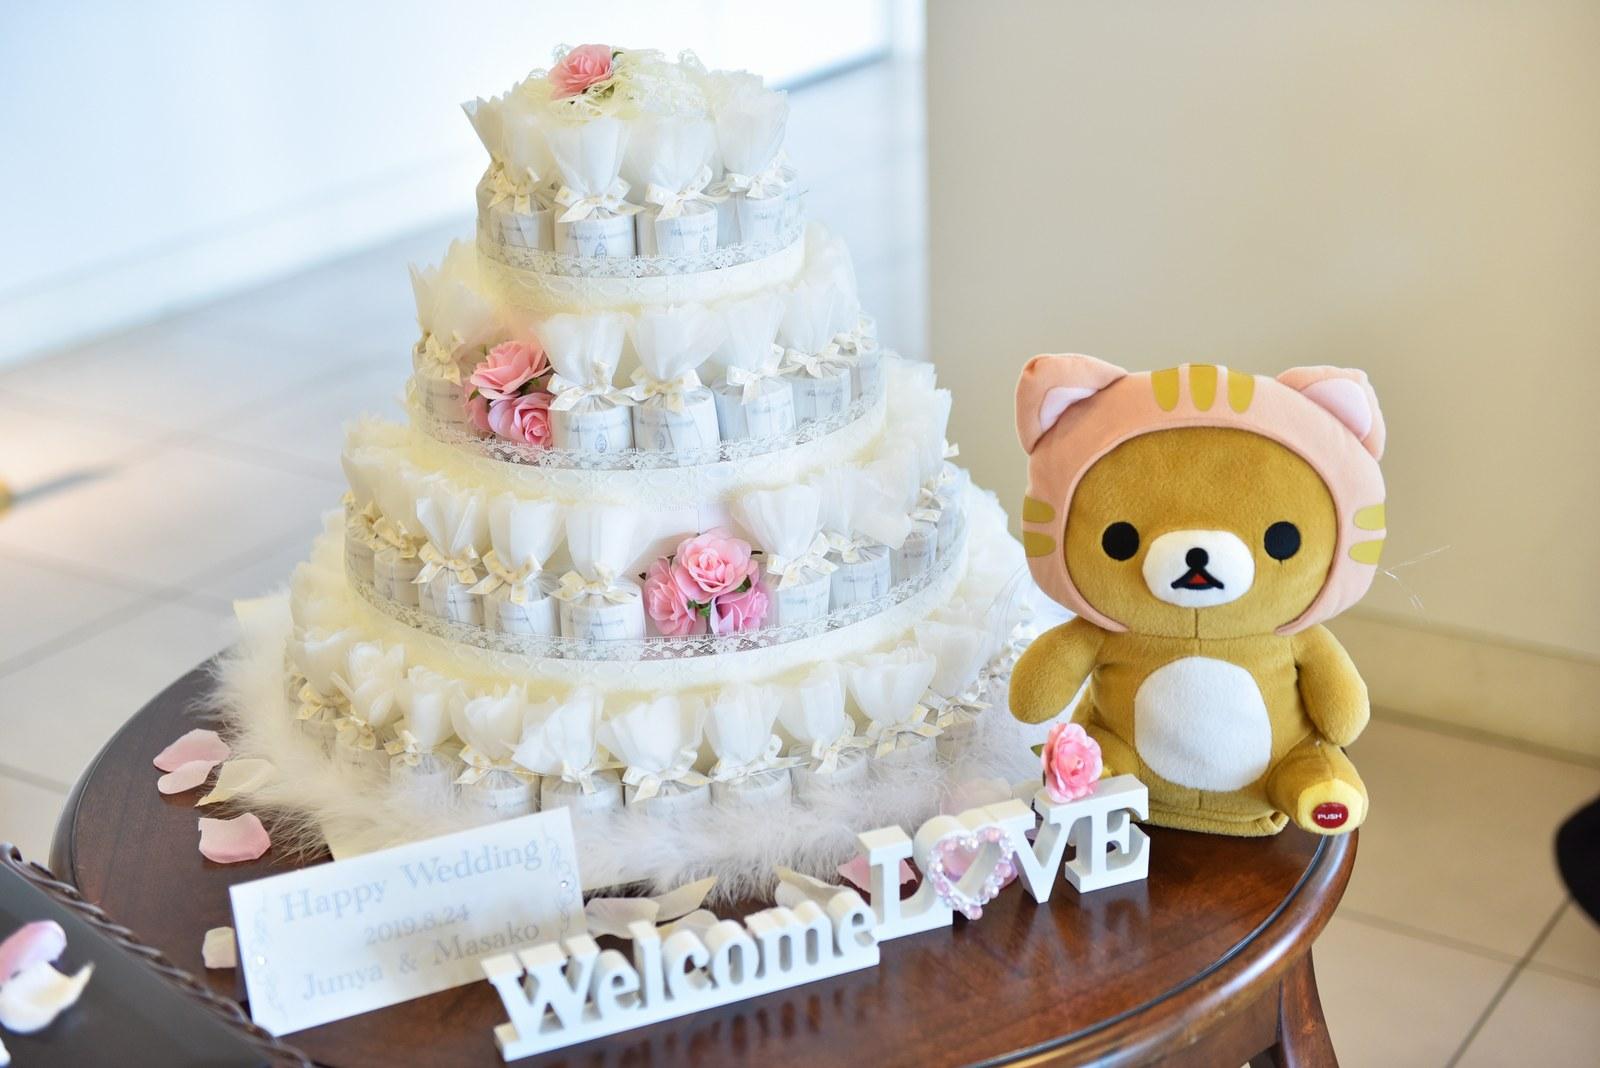 香川県の結婚式場シェルエメール&アイスタイル リラックマウェルカムスペース